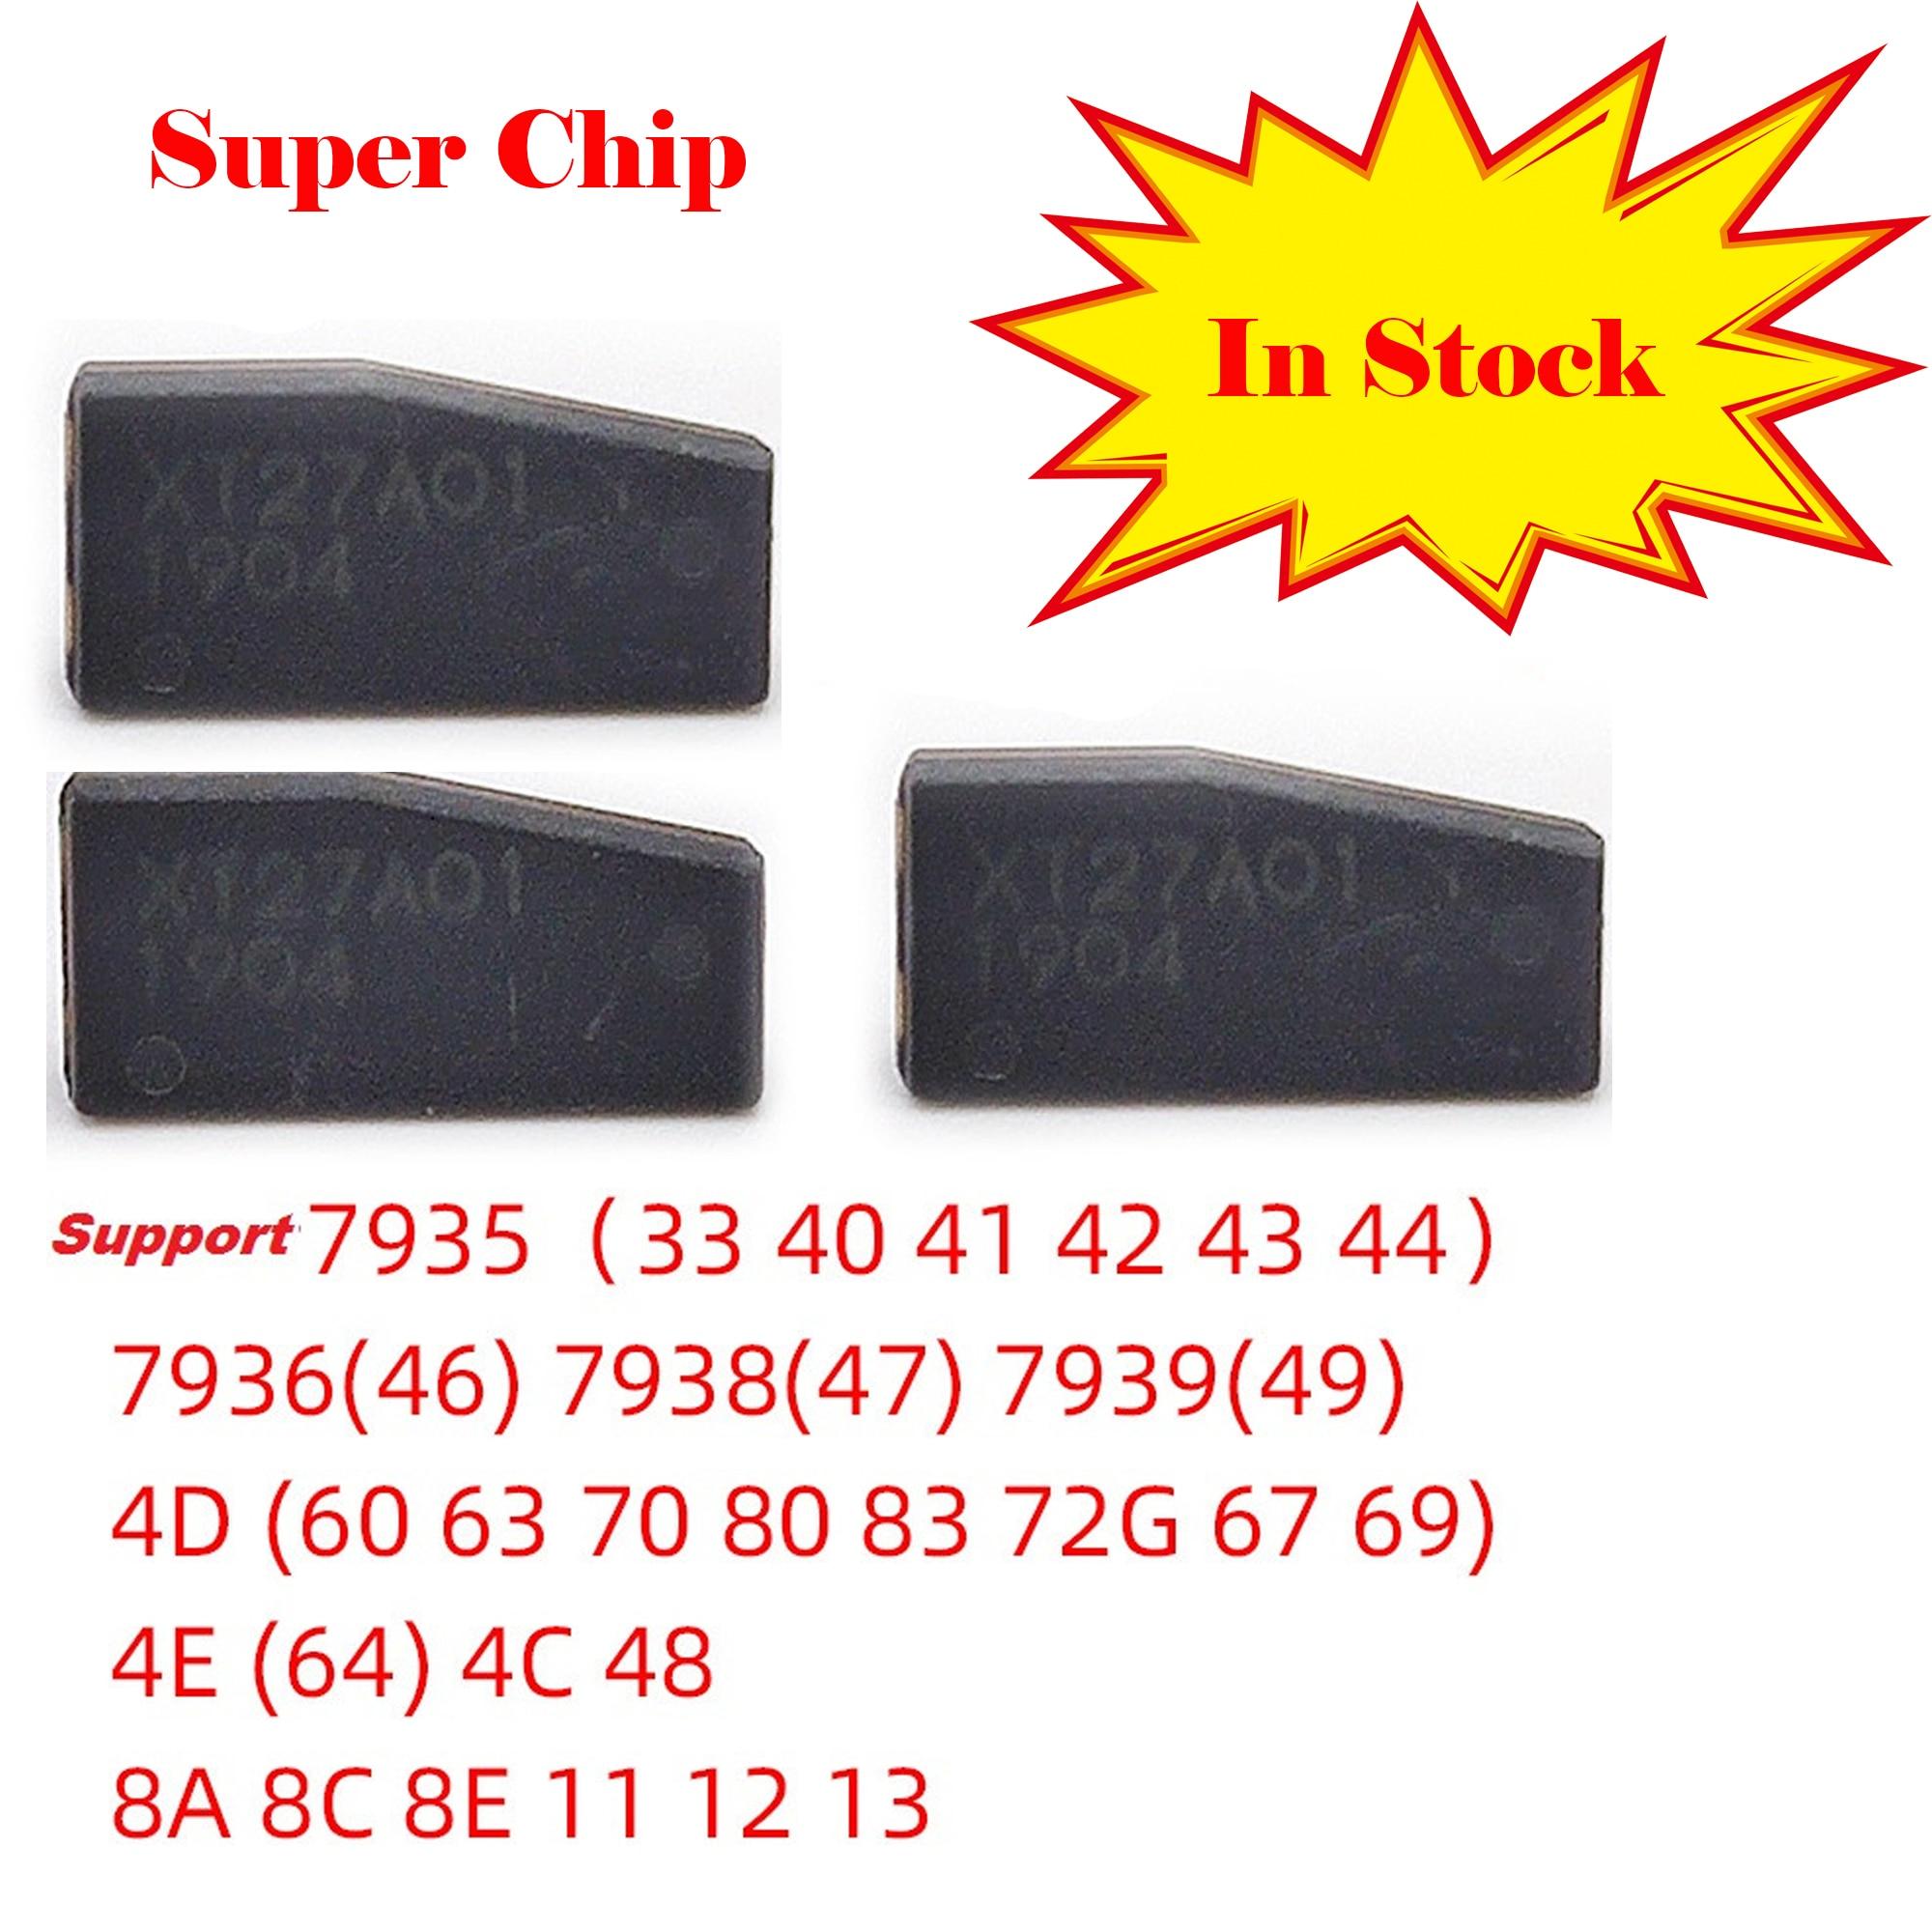 Original VVDI  Super Chip For VVDI Key Chip Copier Clone 46/47/48/4C/4D/4E Transponder Unlimited Copy For Vvdi Key Tool